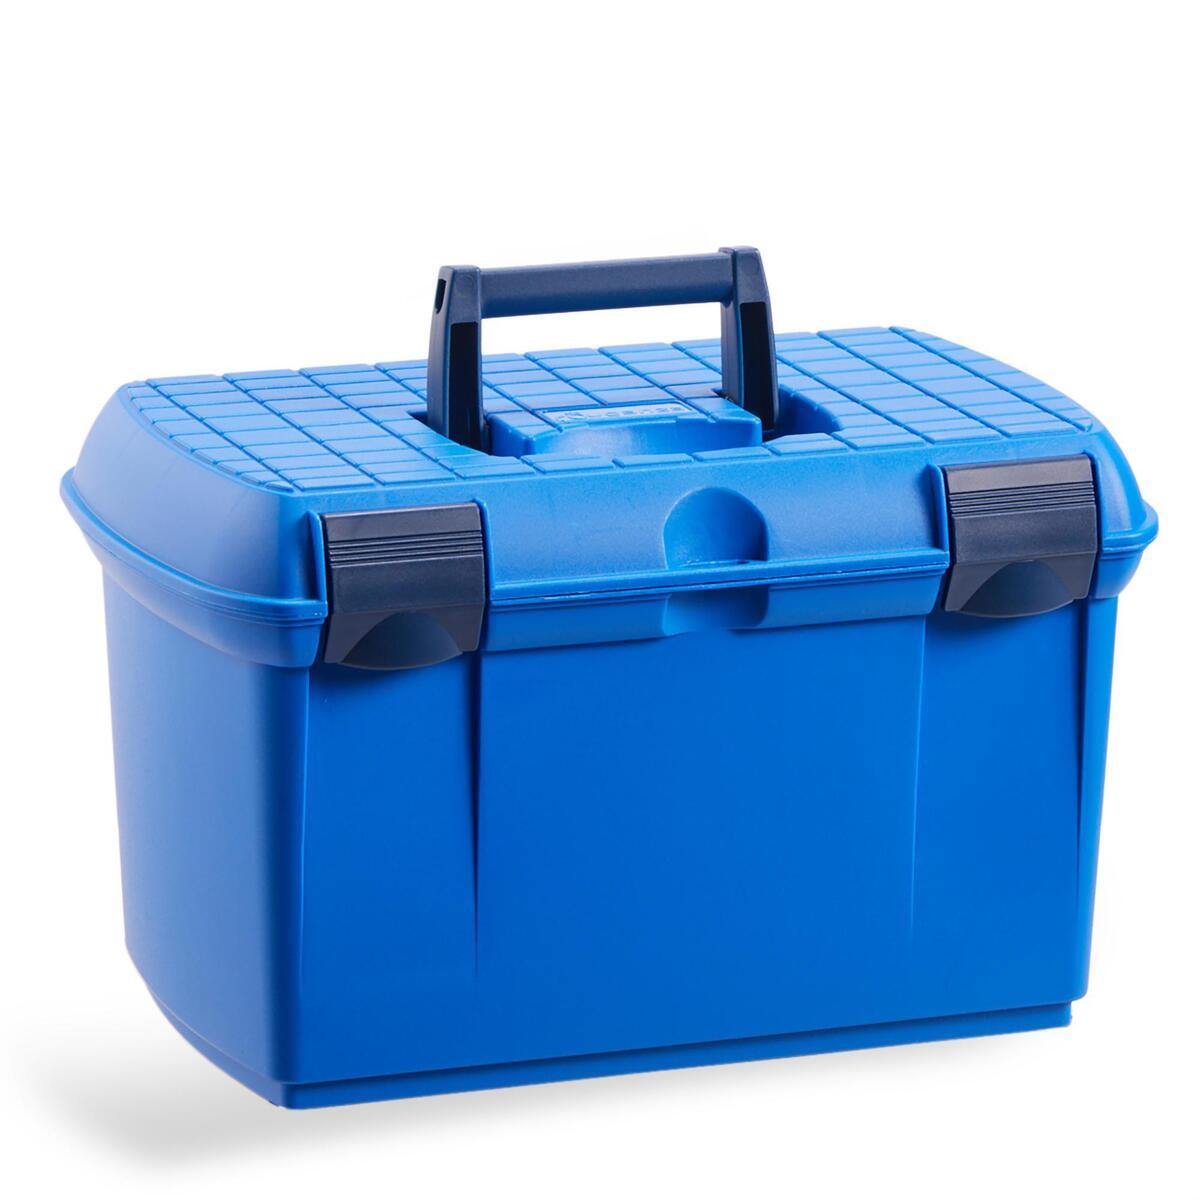 Bild 1 von Putzkasten 500 Reiten electric blue/marineblau